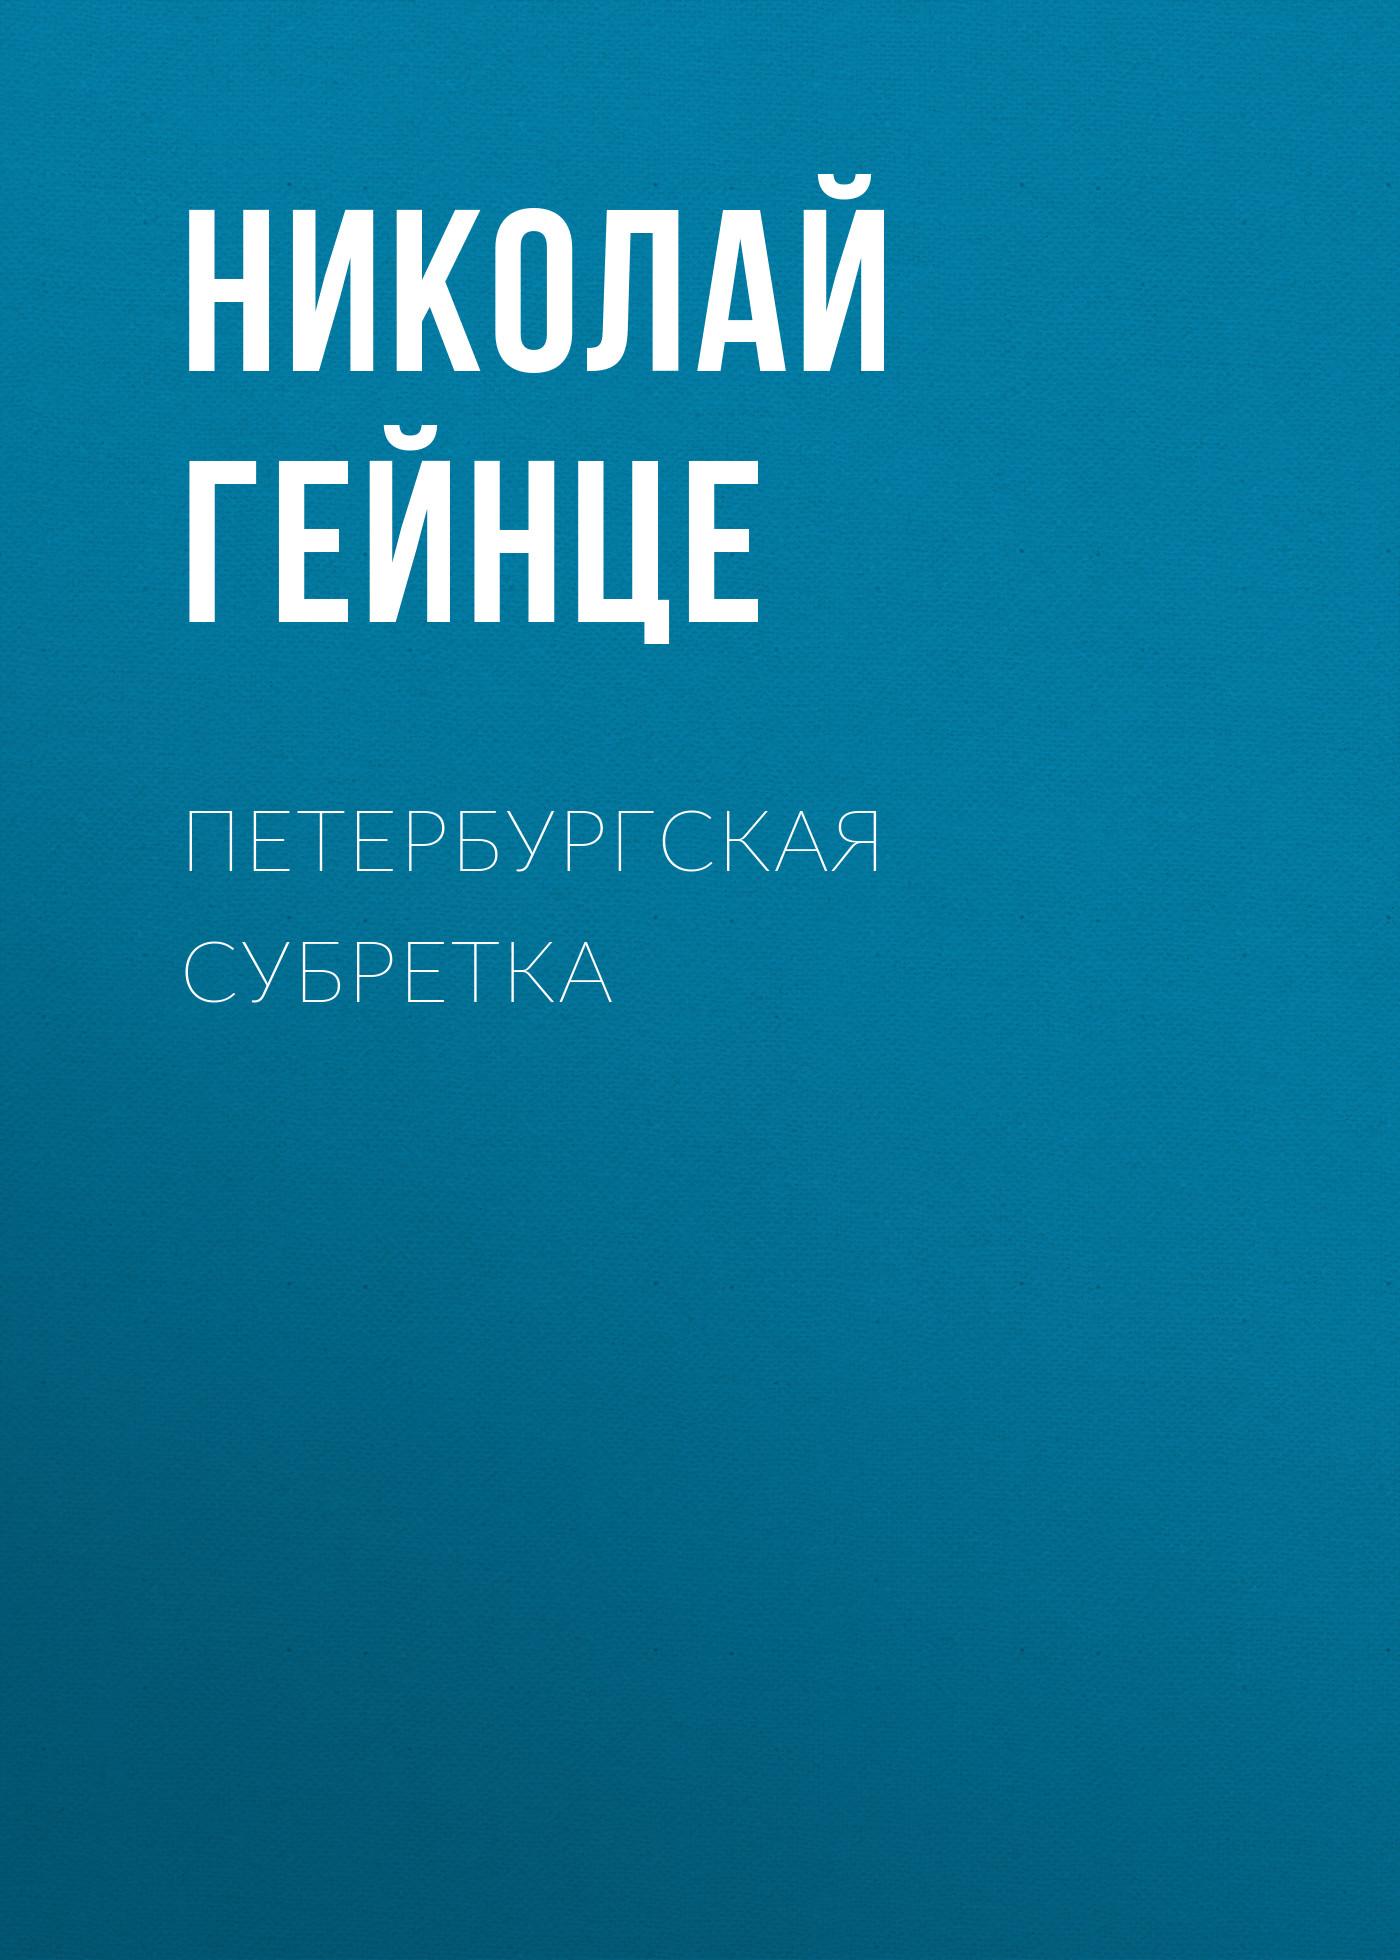 Николай Гейнце Петербургская субретка printio субретка